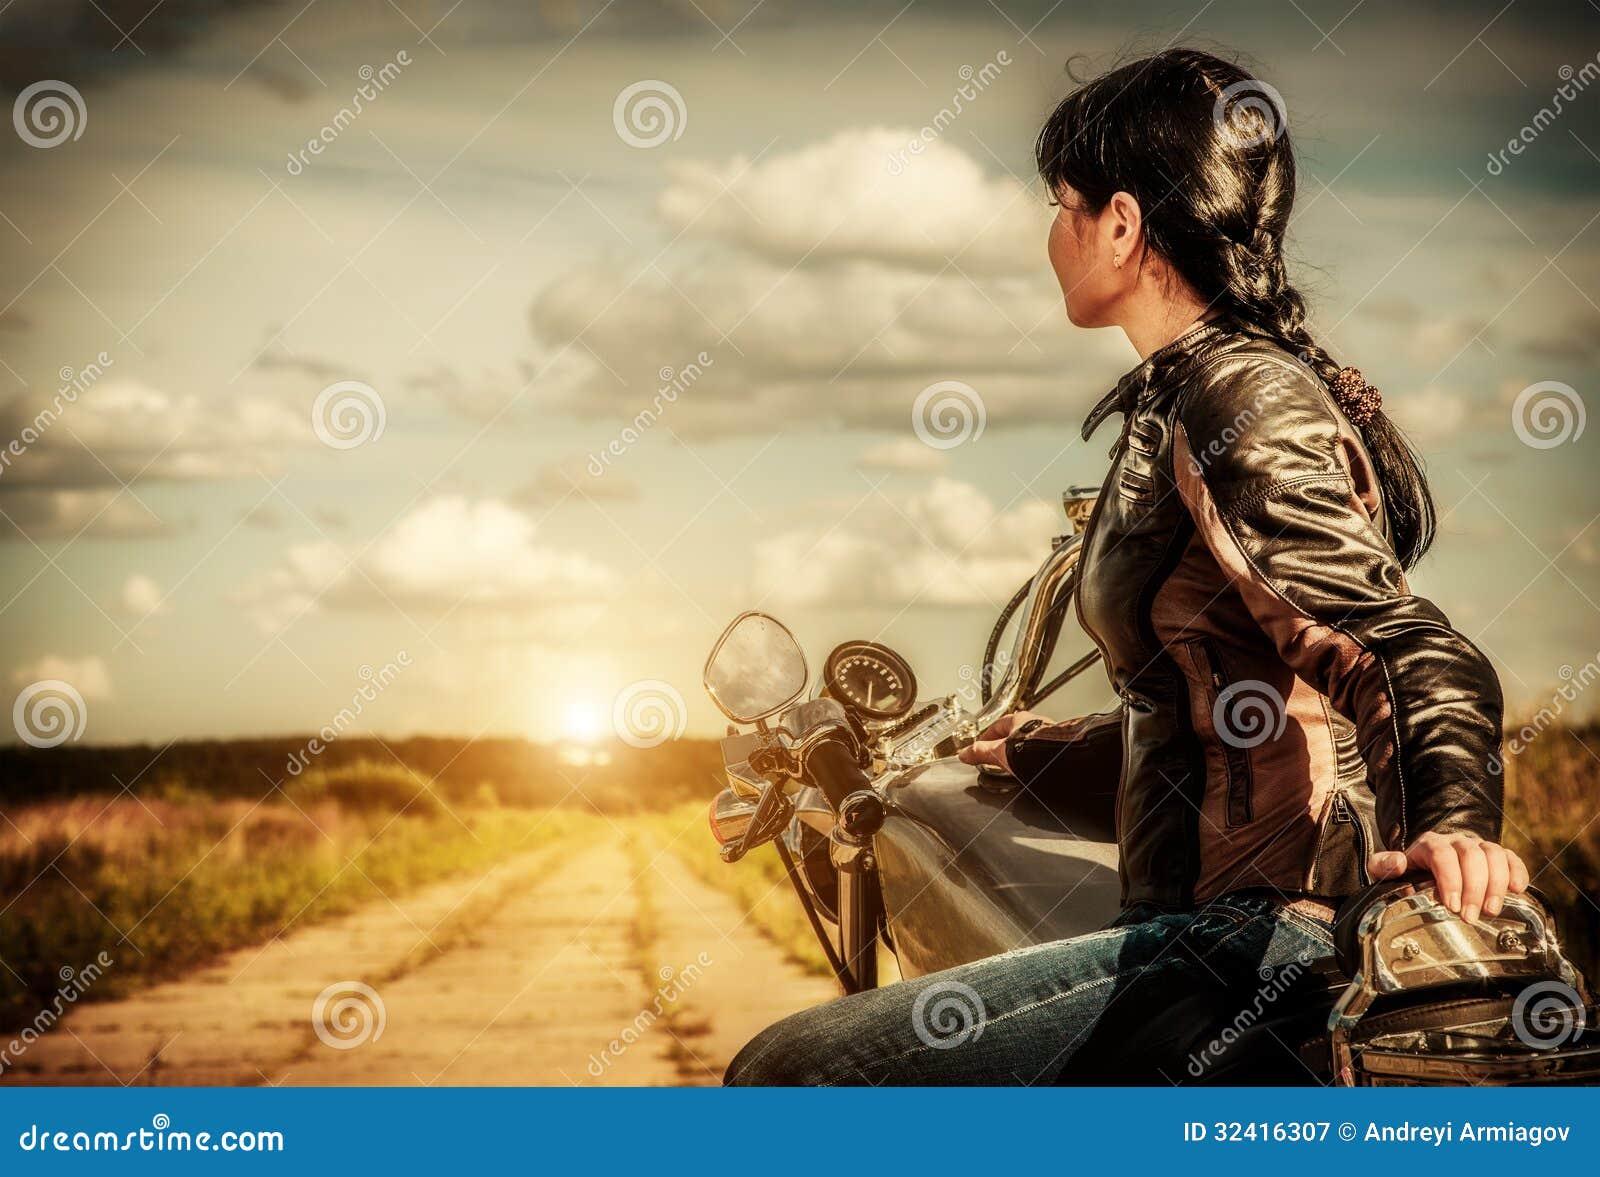 Motorcycle Jeans Women